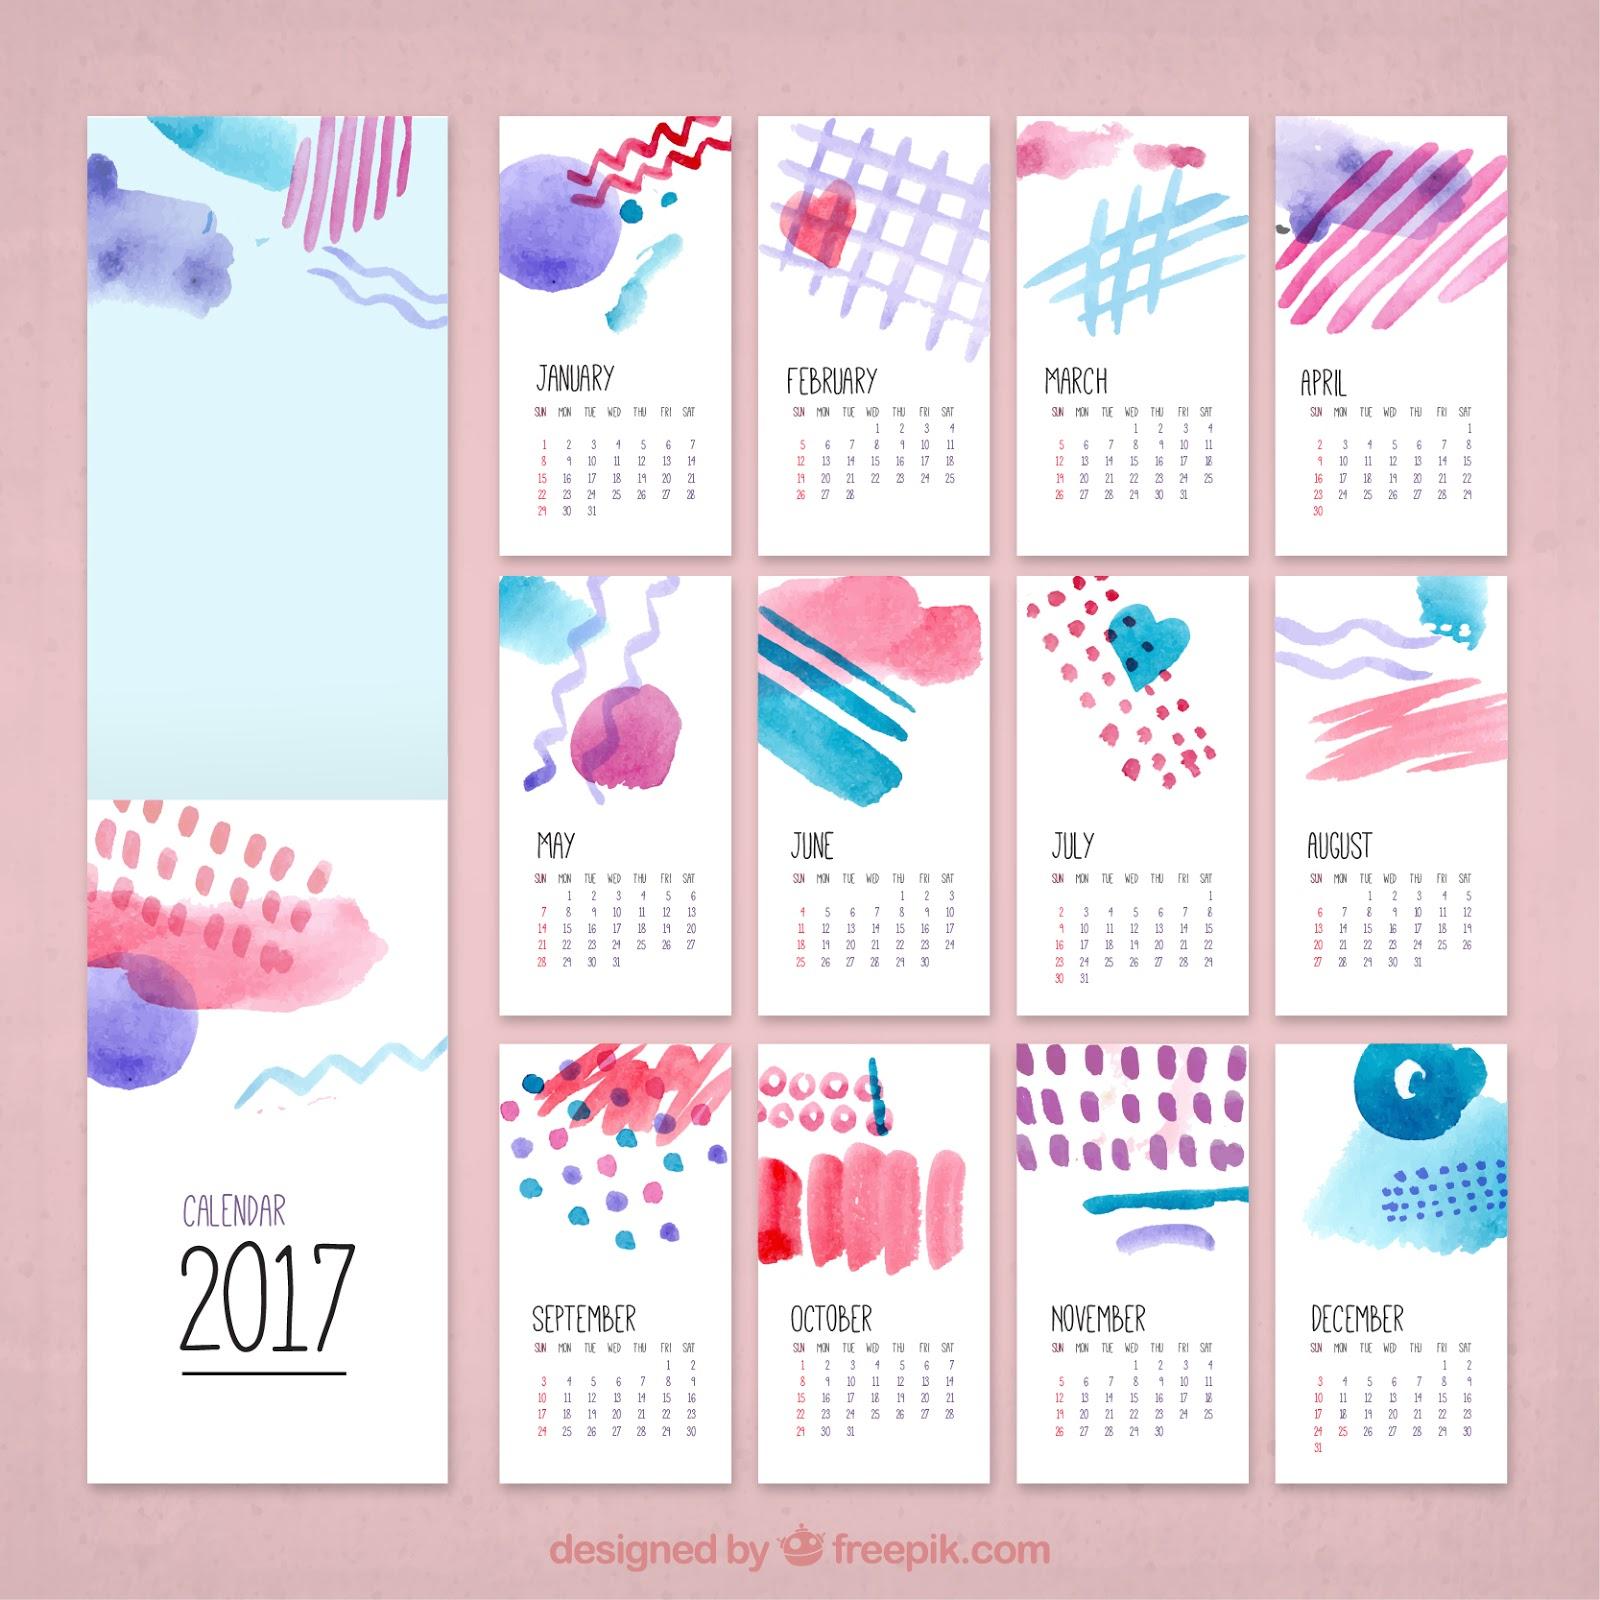 http://de.freepik.com/vektoren-kostenlos/aquarell-kreative-kalender-2017_956724.htm